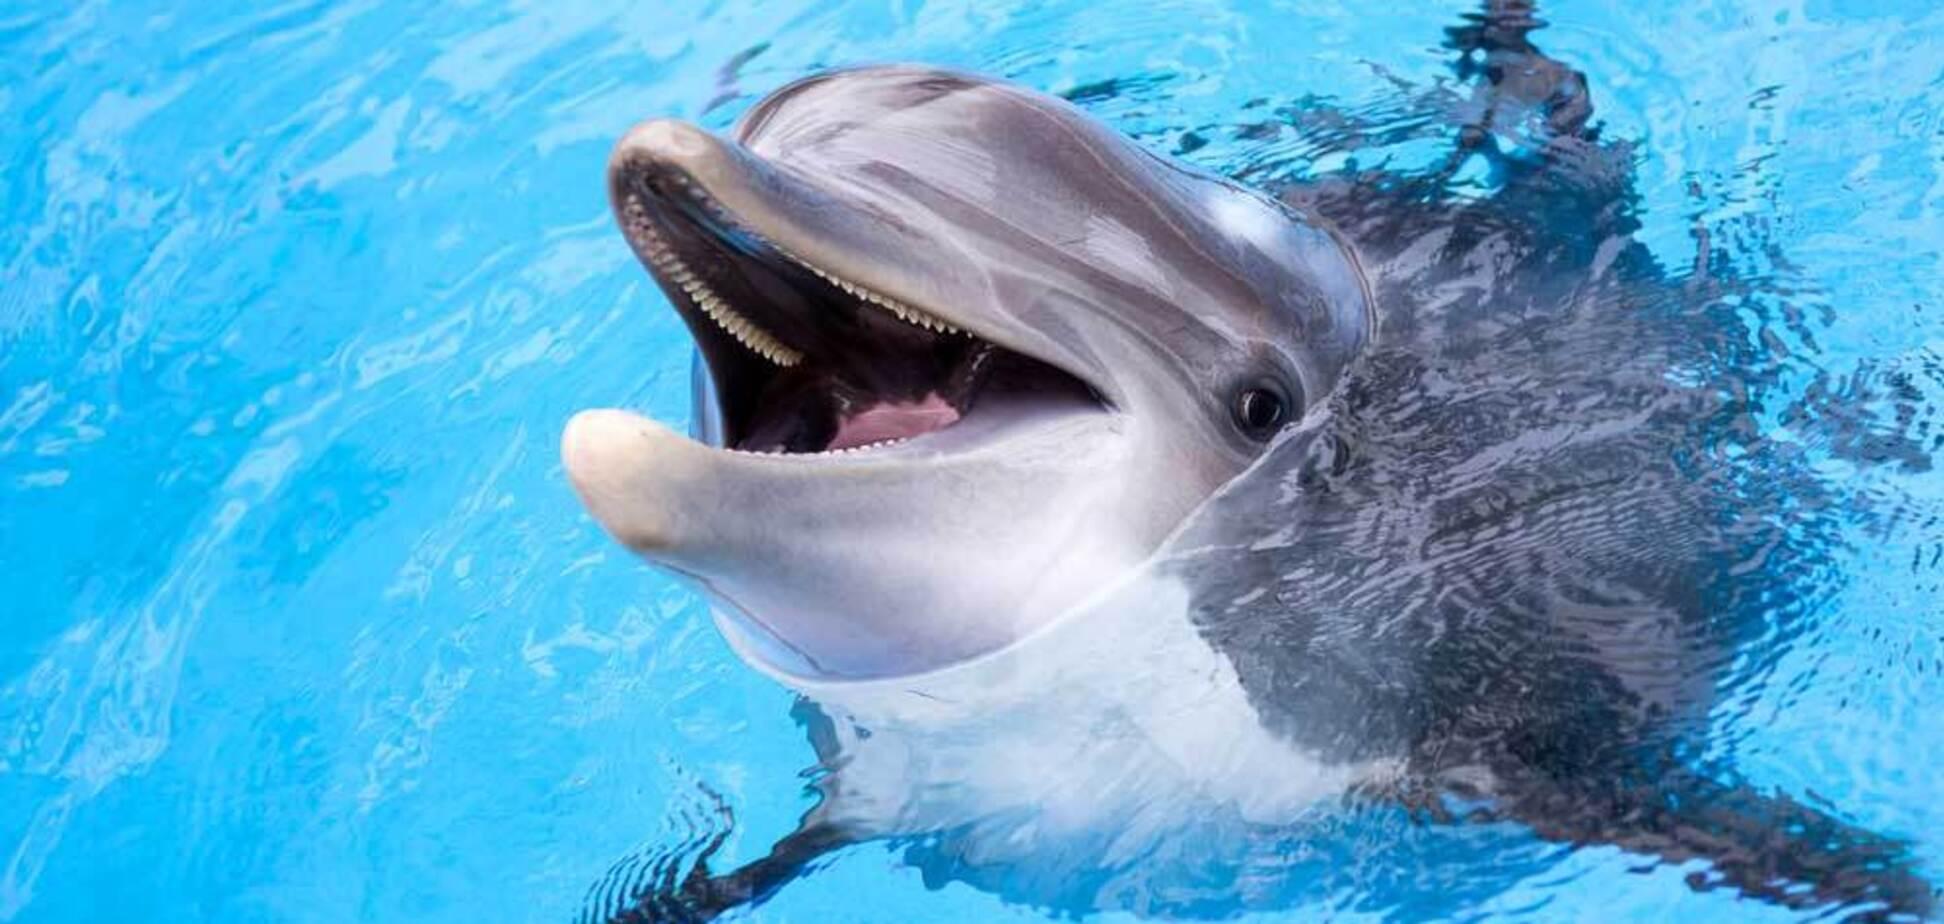 В Одессе дельфин укусил ребенка: чем закончилось ЧП